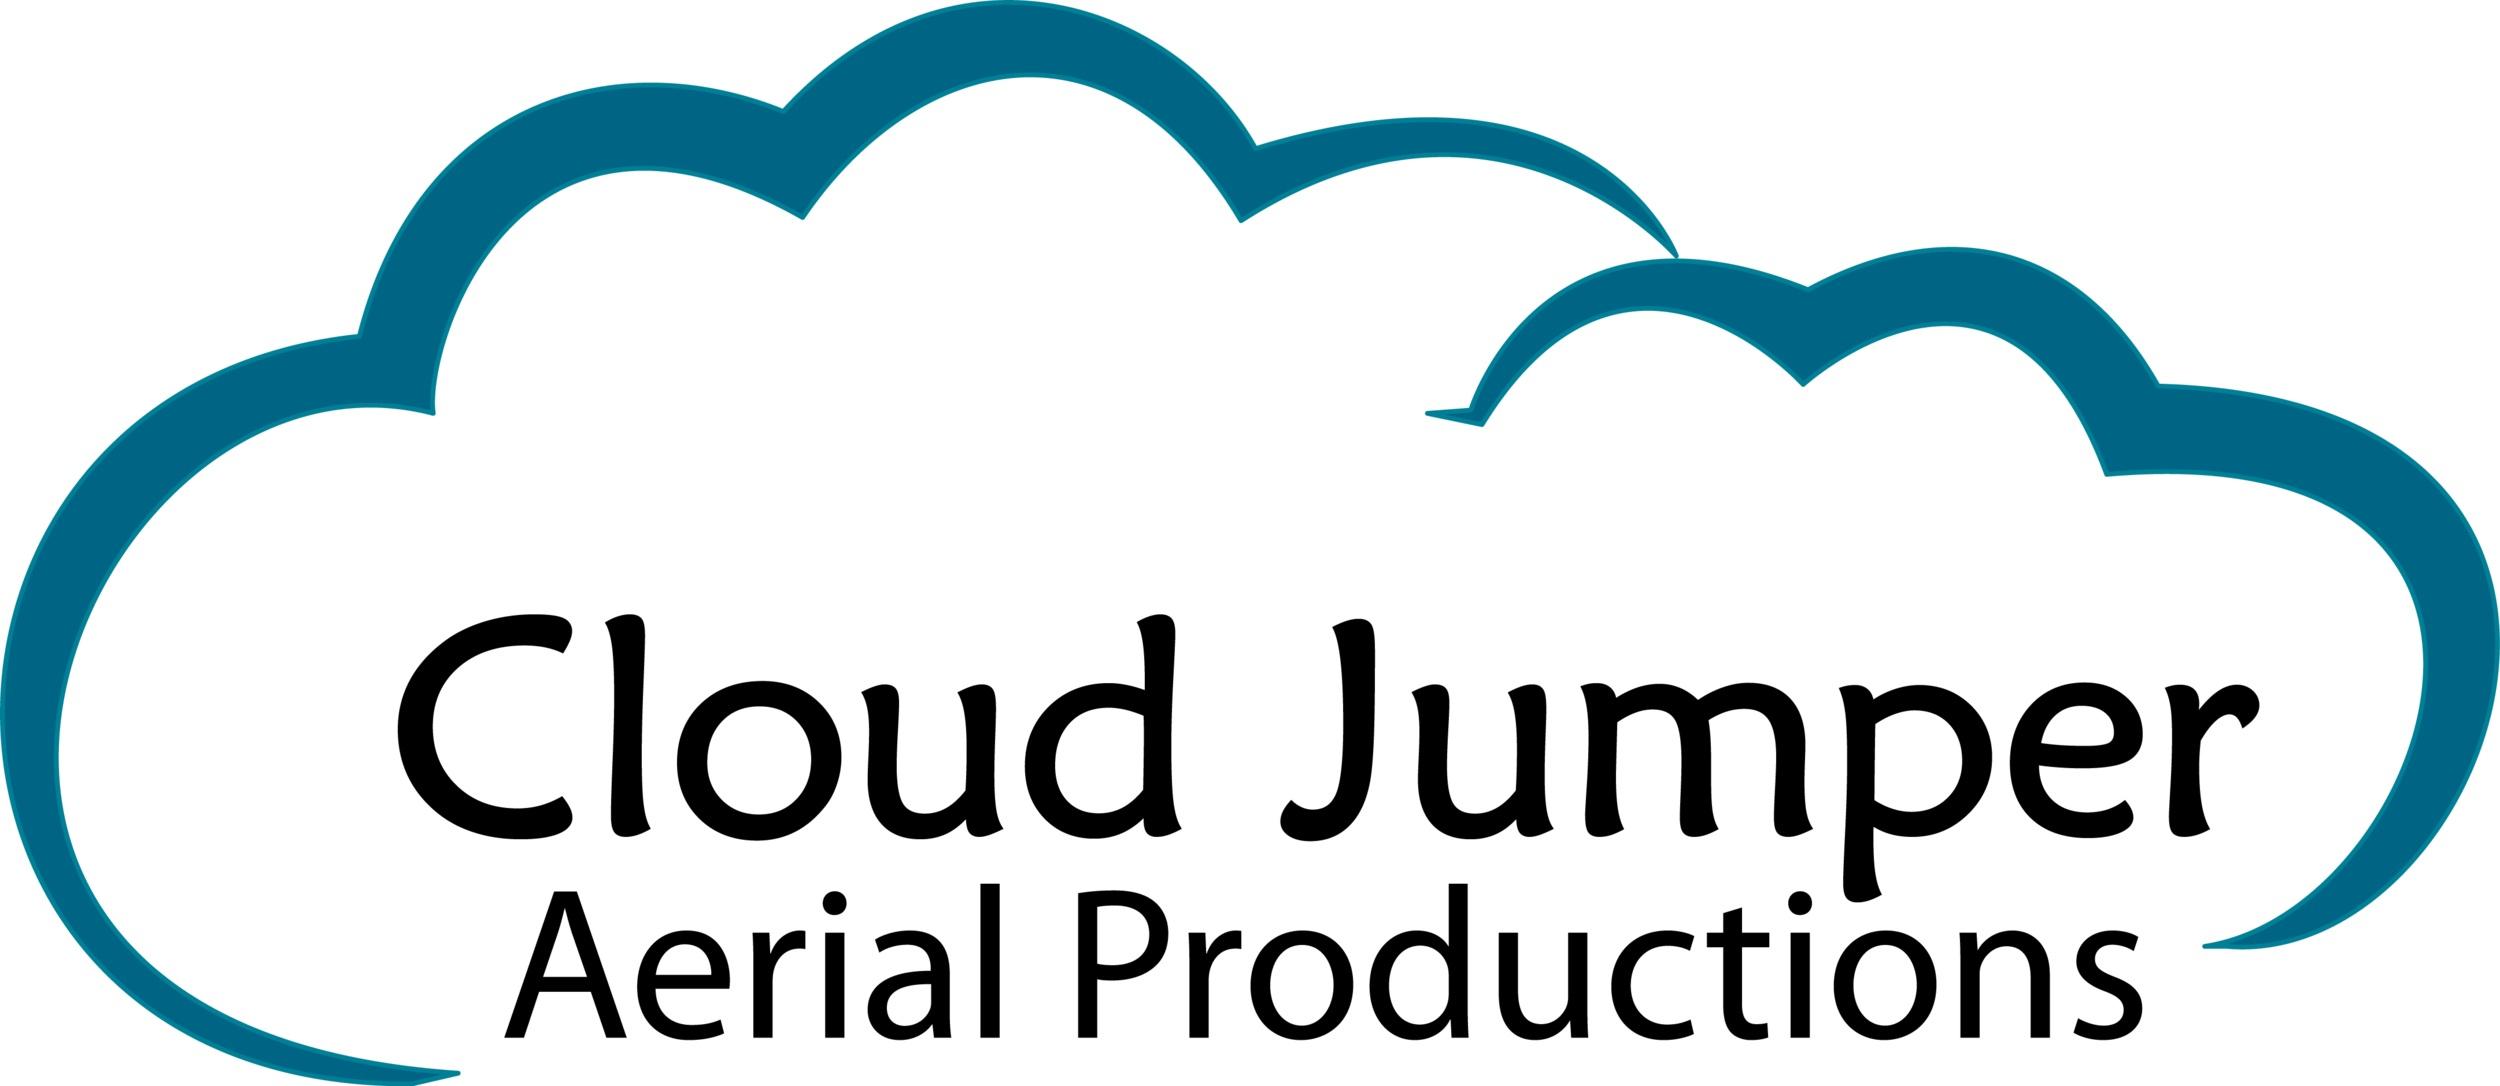 Cloud Jumper_Final.png